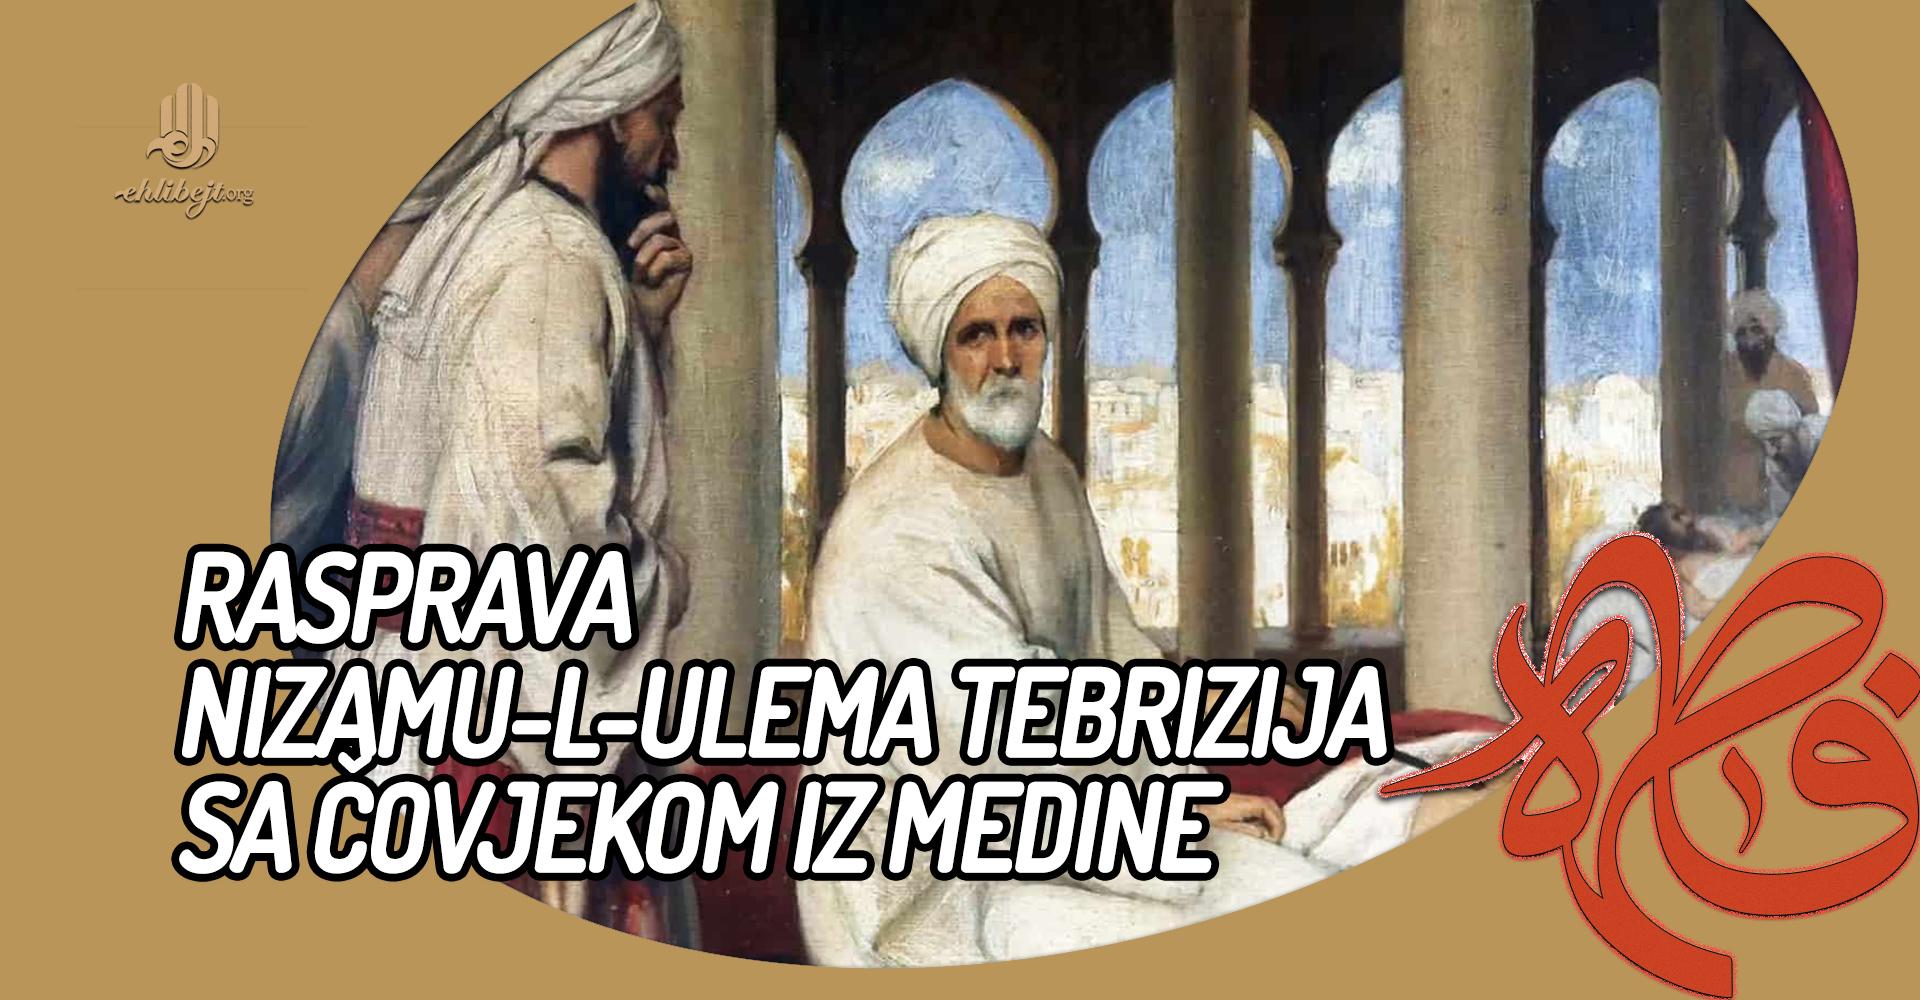 Rasprava Nizamu-l-ulema Tebrizija sa čovjekom iz Medine o kaburu hazreti Fatime, s.a.